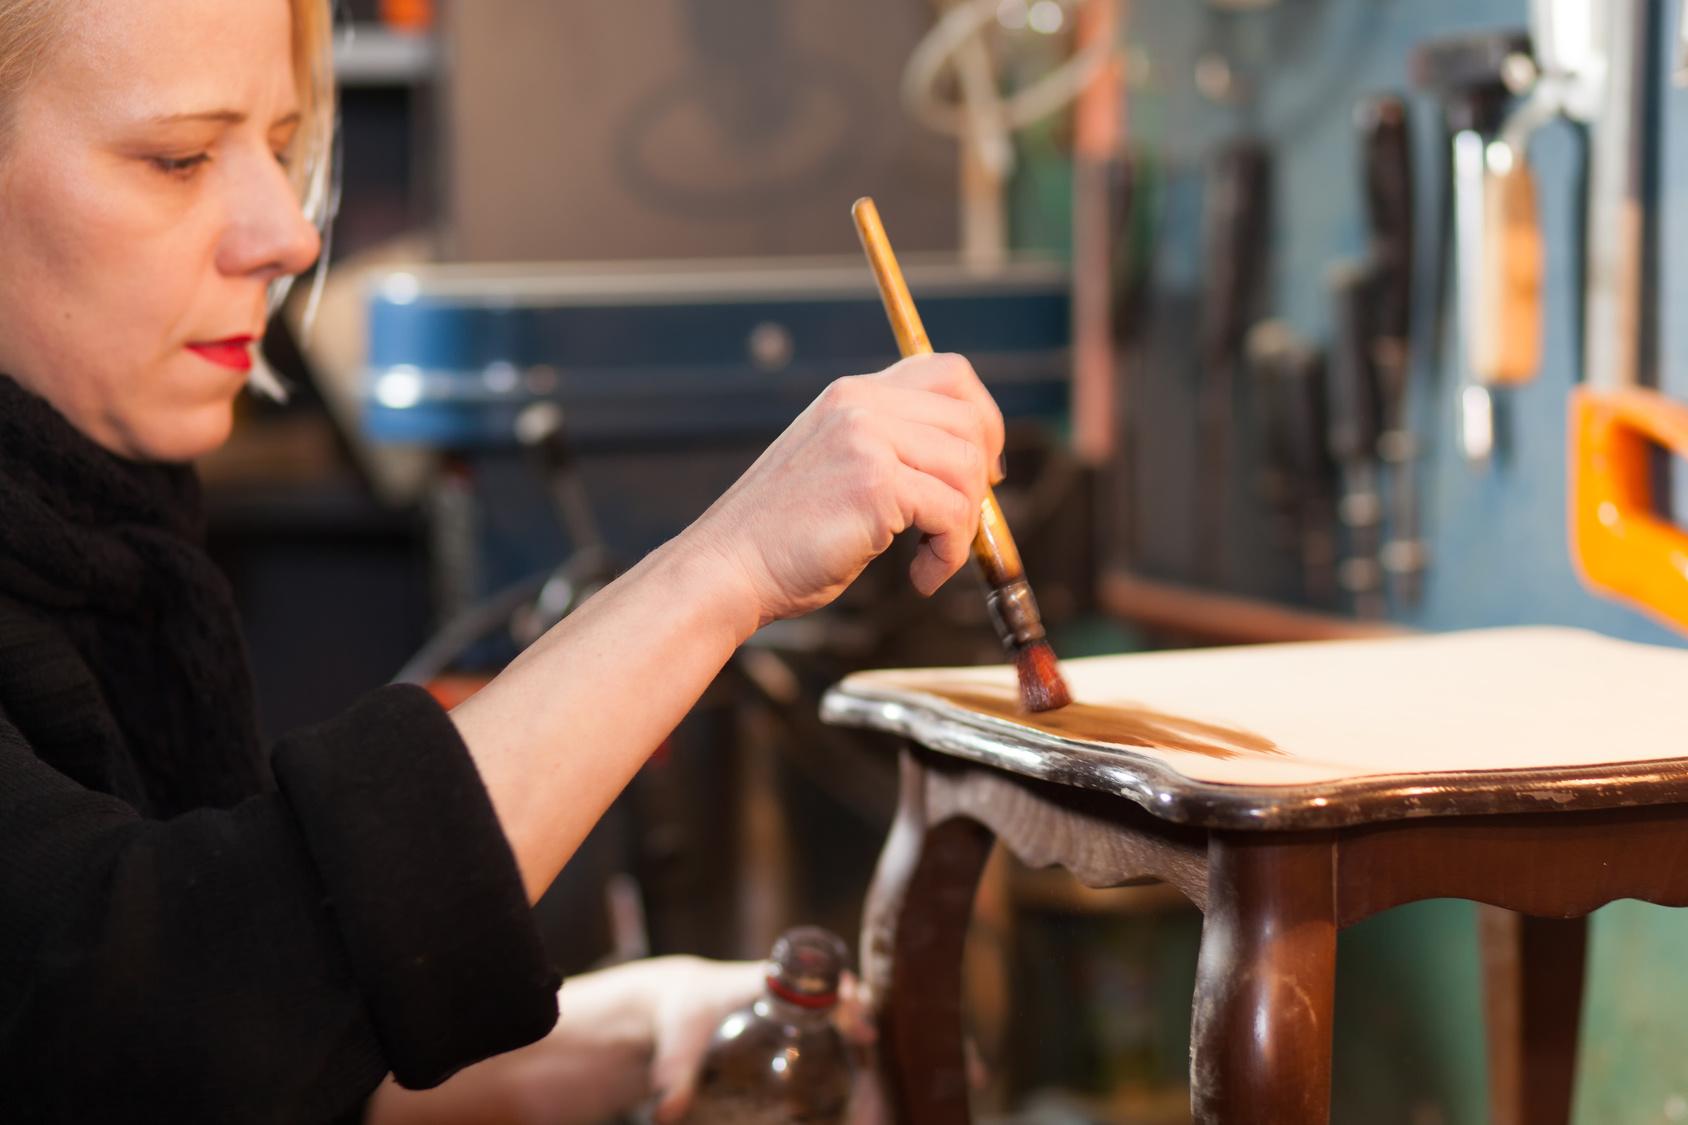 Peinture pour repeindre un meuble en bois - Quelle peinture utiliser pour repeindre un evier ...